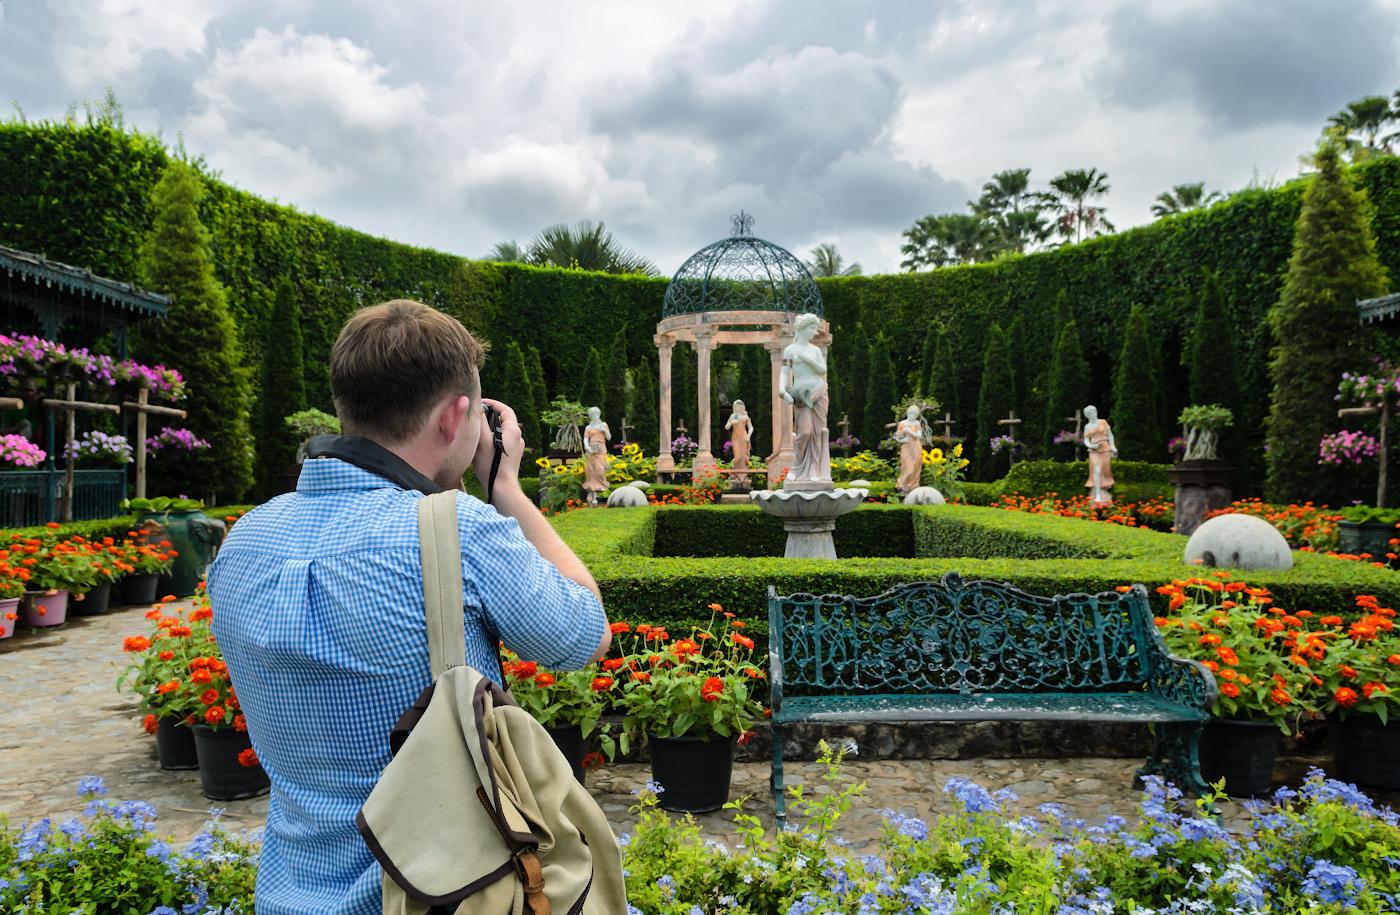 5. Владелец Canon снимает ротонду в Итальянском саду парка Нон Нуч. Ботаничесий сад - одна из самых интересных достопримечательностей Паттайи. Отзывы о поездке на отдых в Таиланд.